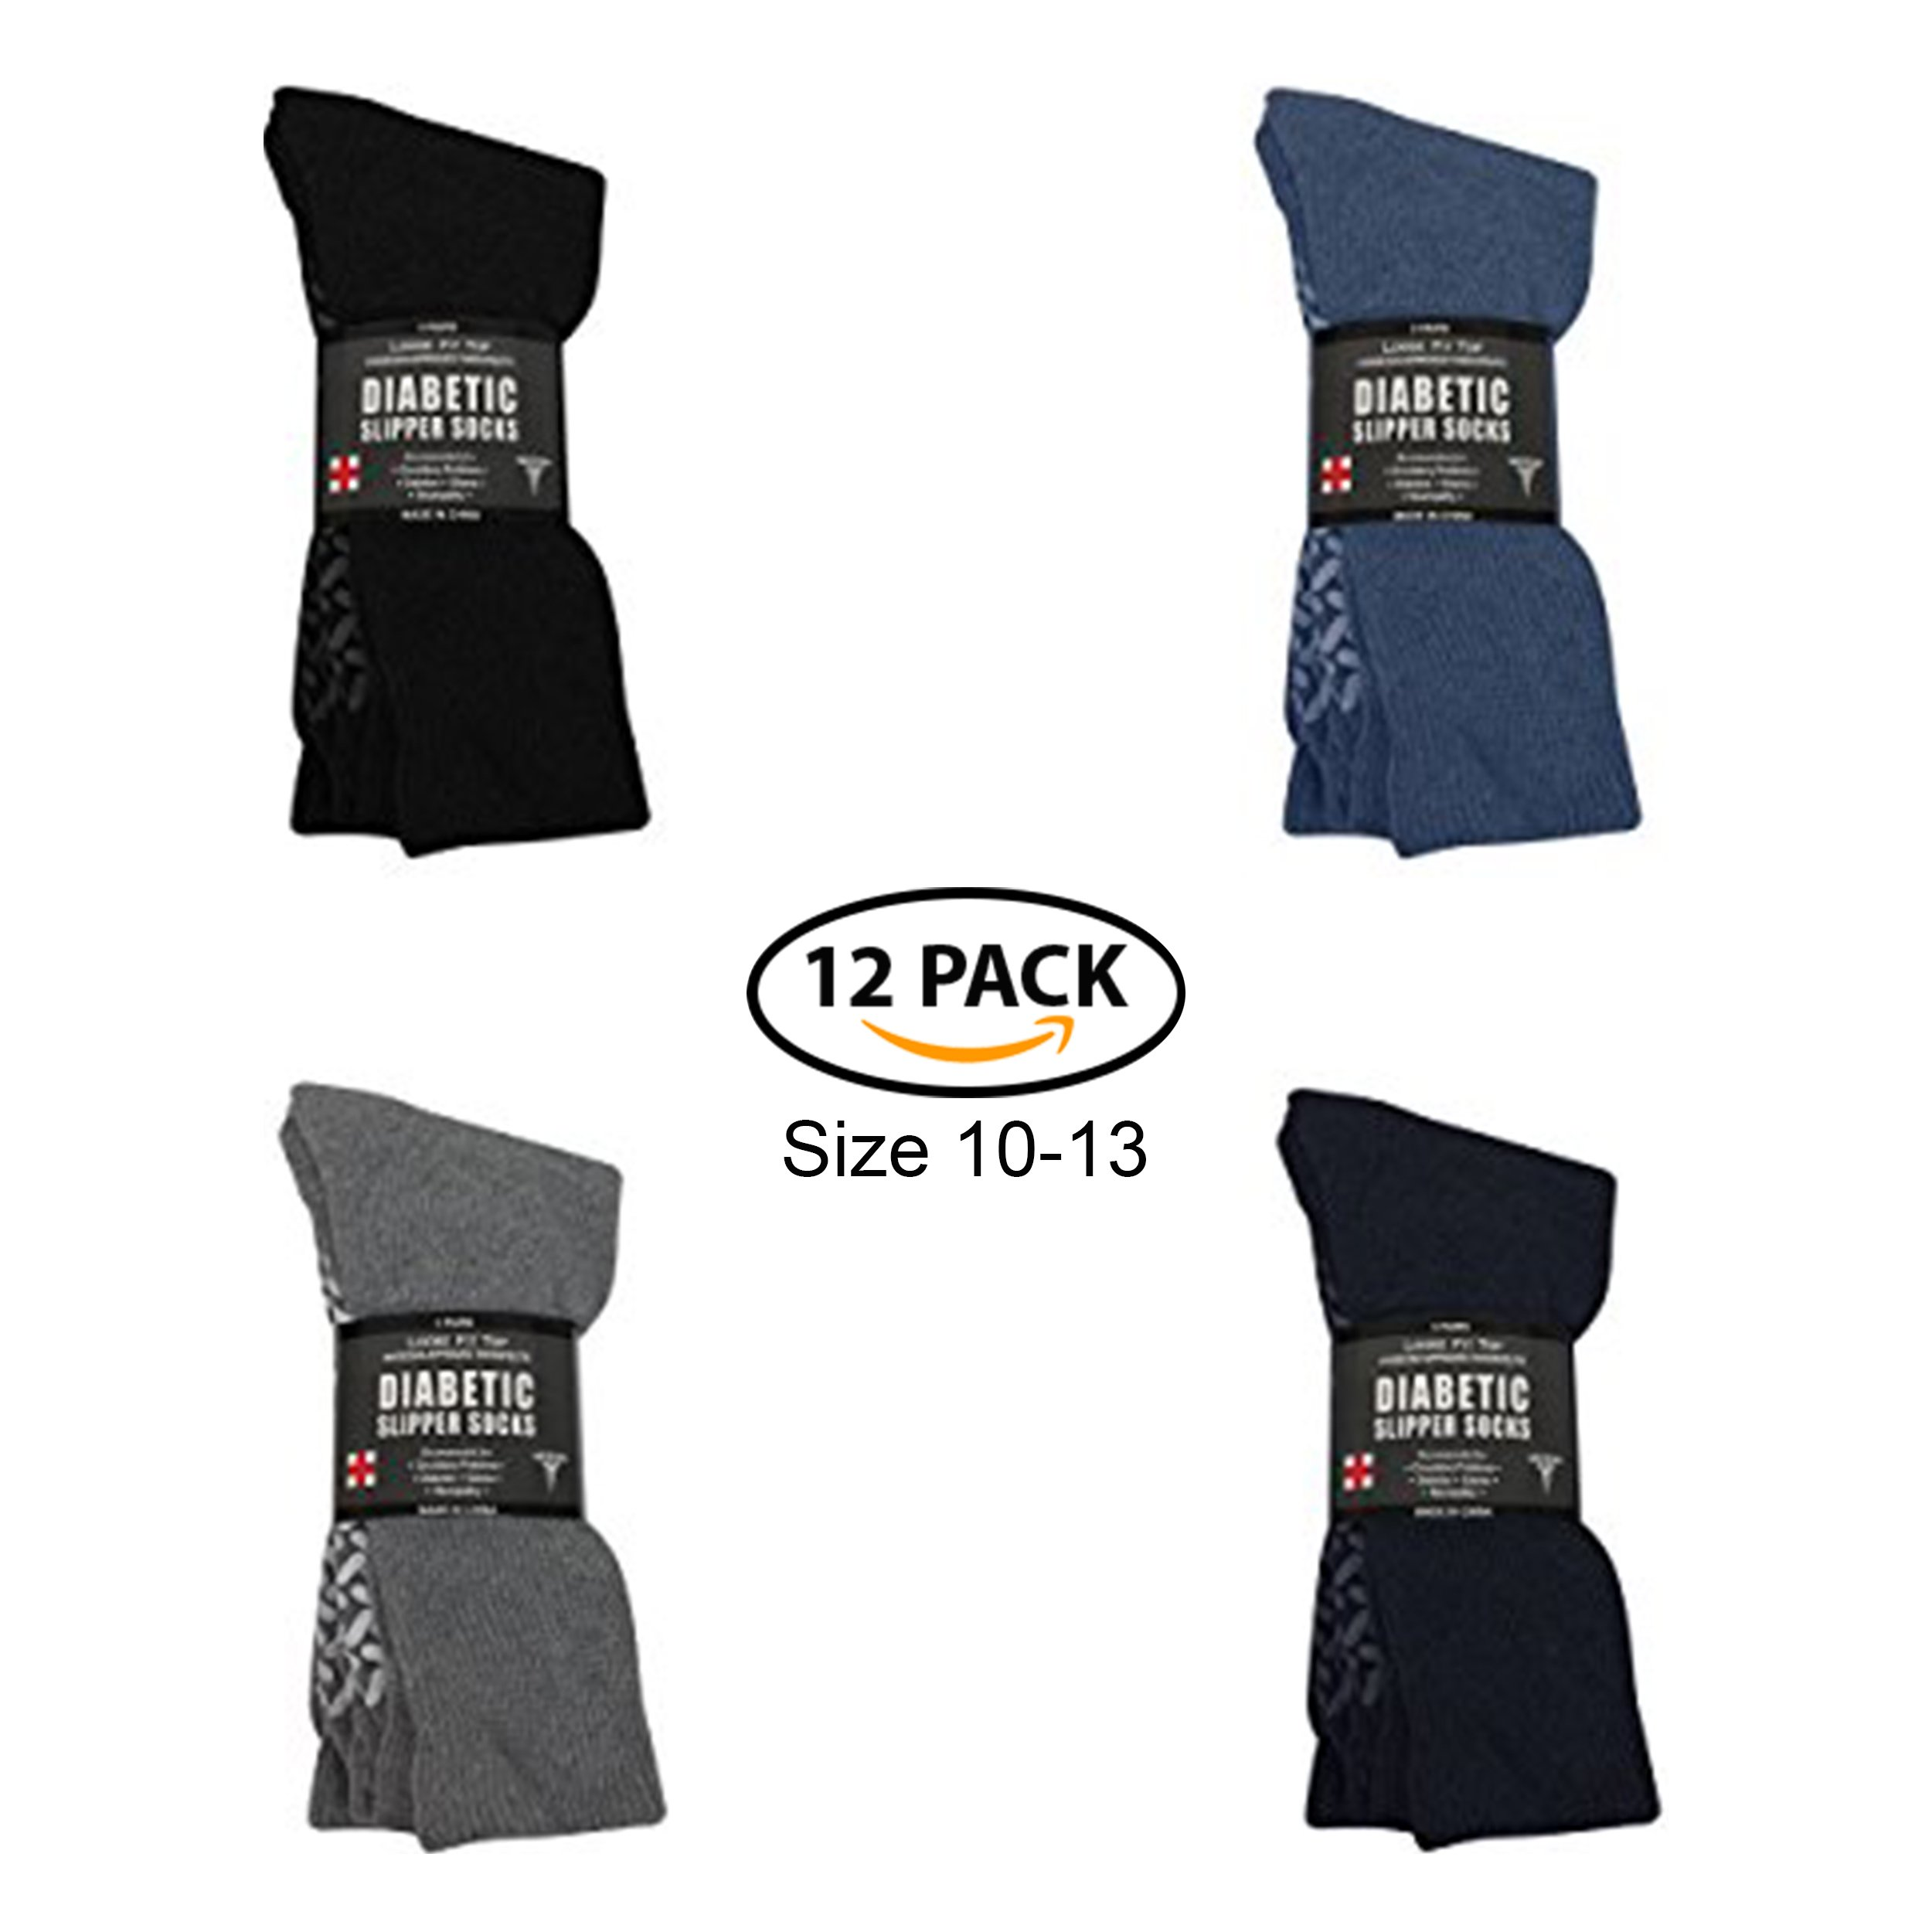 Diabetic Socks - Non Skid Hospital Loose Fitting Slipper Socks With Gripper Bottoms - 12 Pack Savings - Gripper socks - Mens Size 10-13 (3 Black, 3 Gray, 3 Navy, 3 Royal)